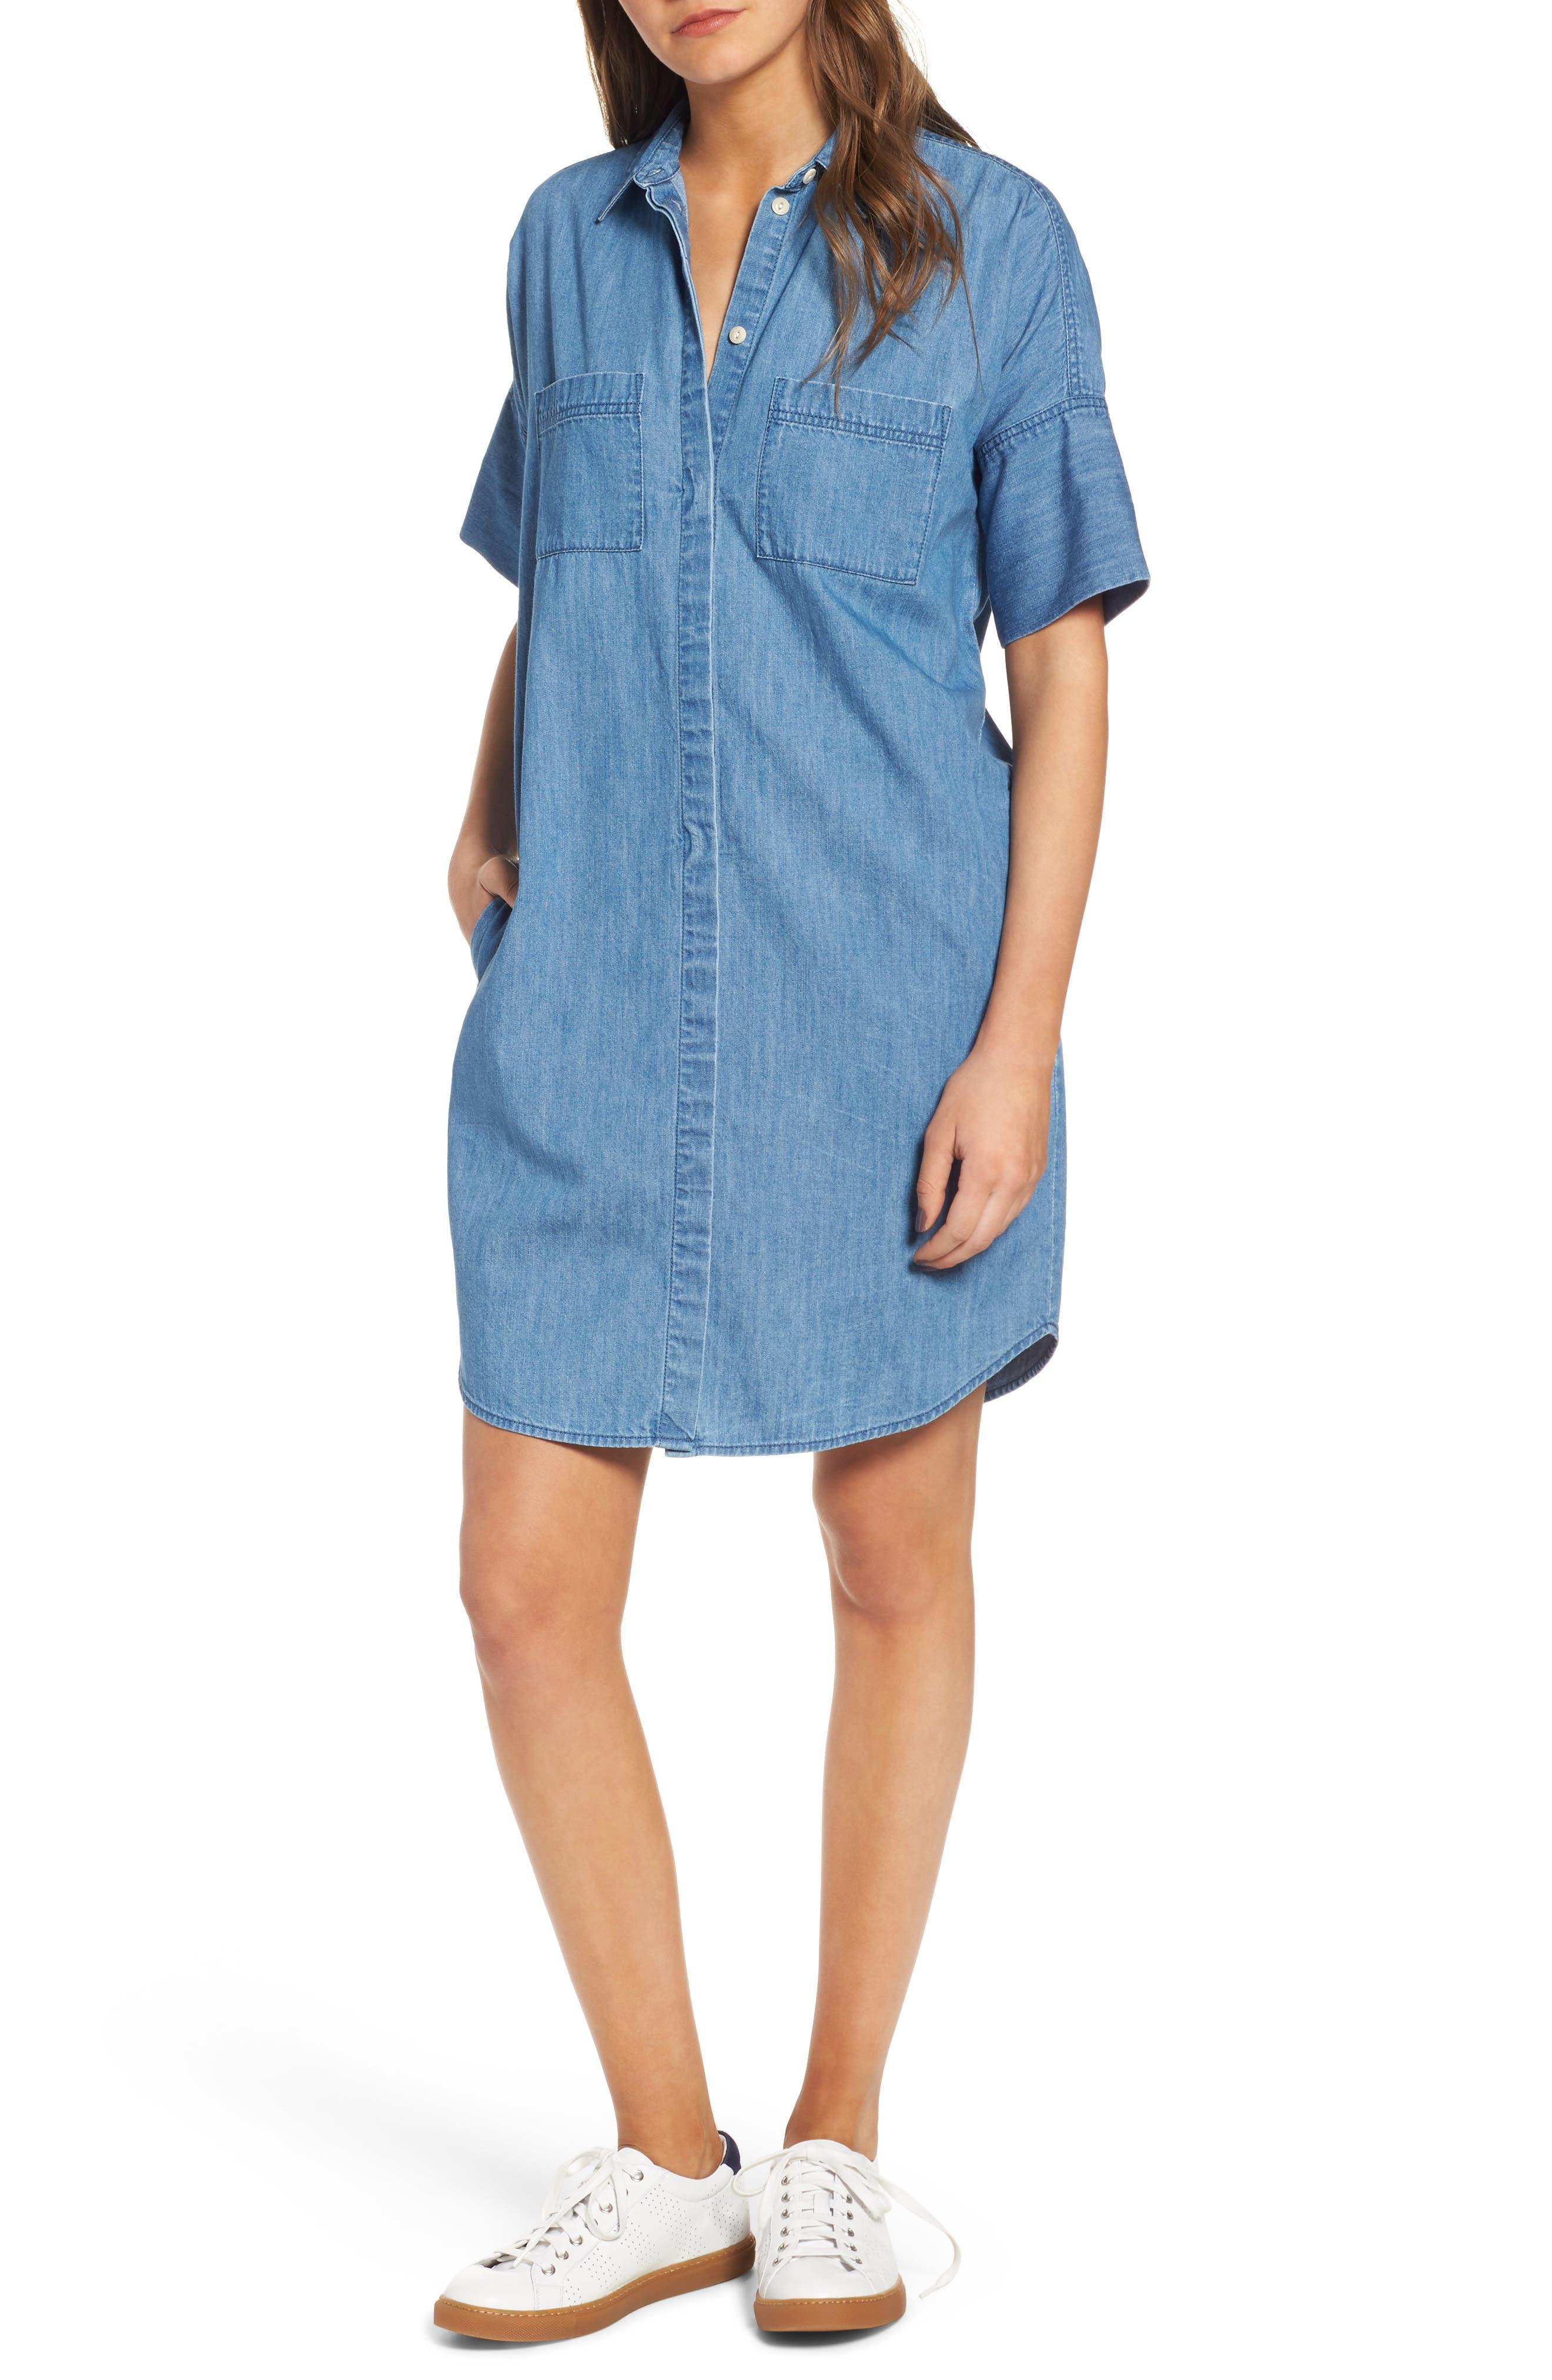 Madewell Courier Denim Shirtdress